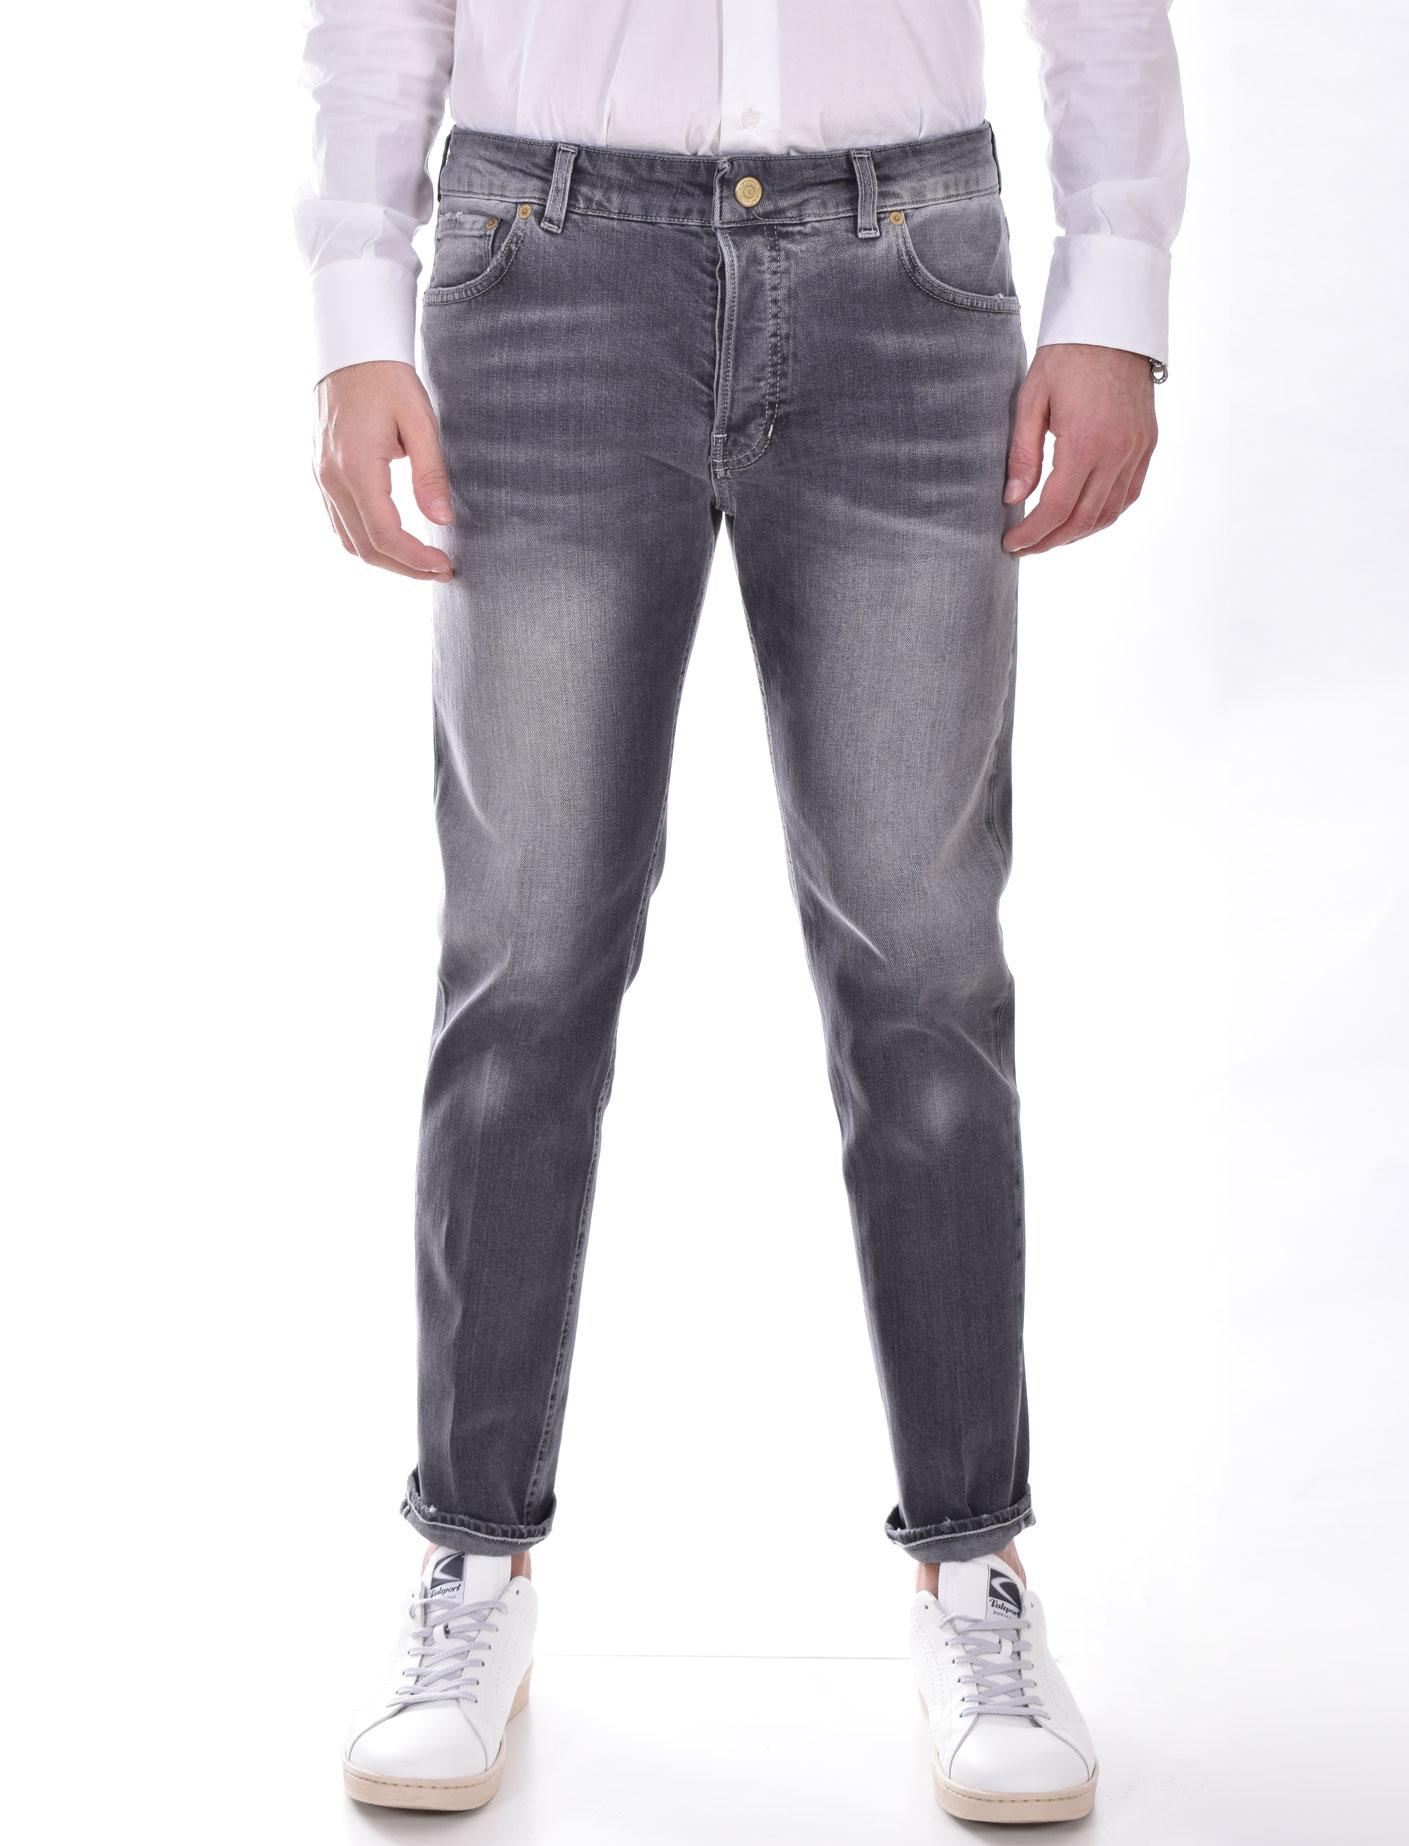 Jeans Entre Amis nero gaga ENTRE AMIS | P21GAGA1934L88201